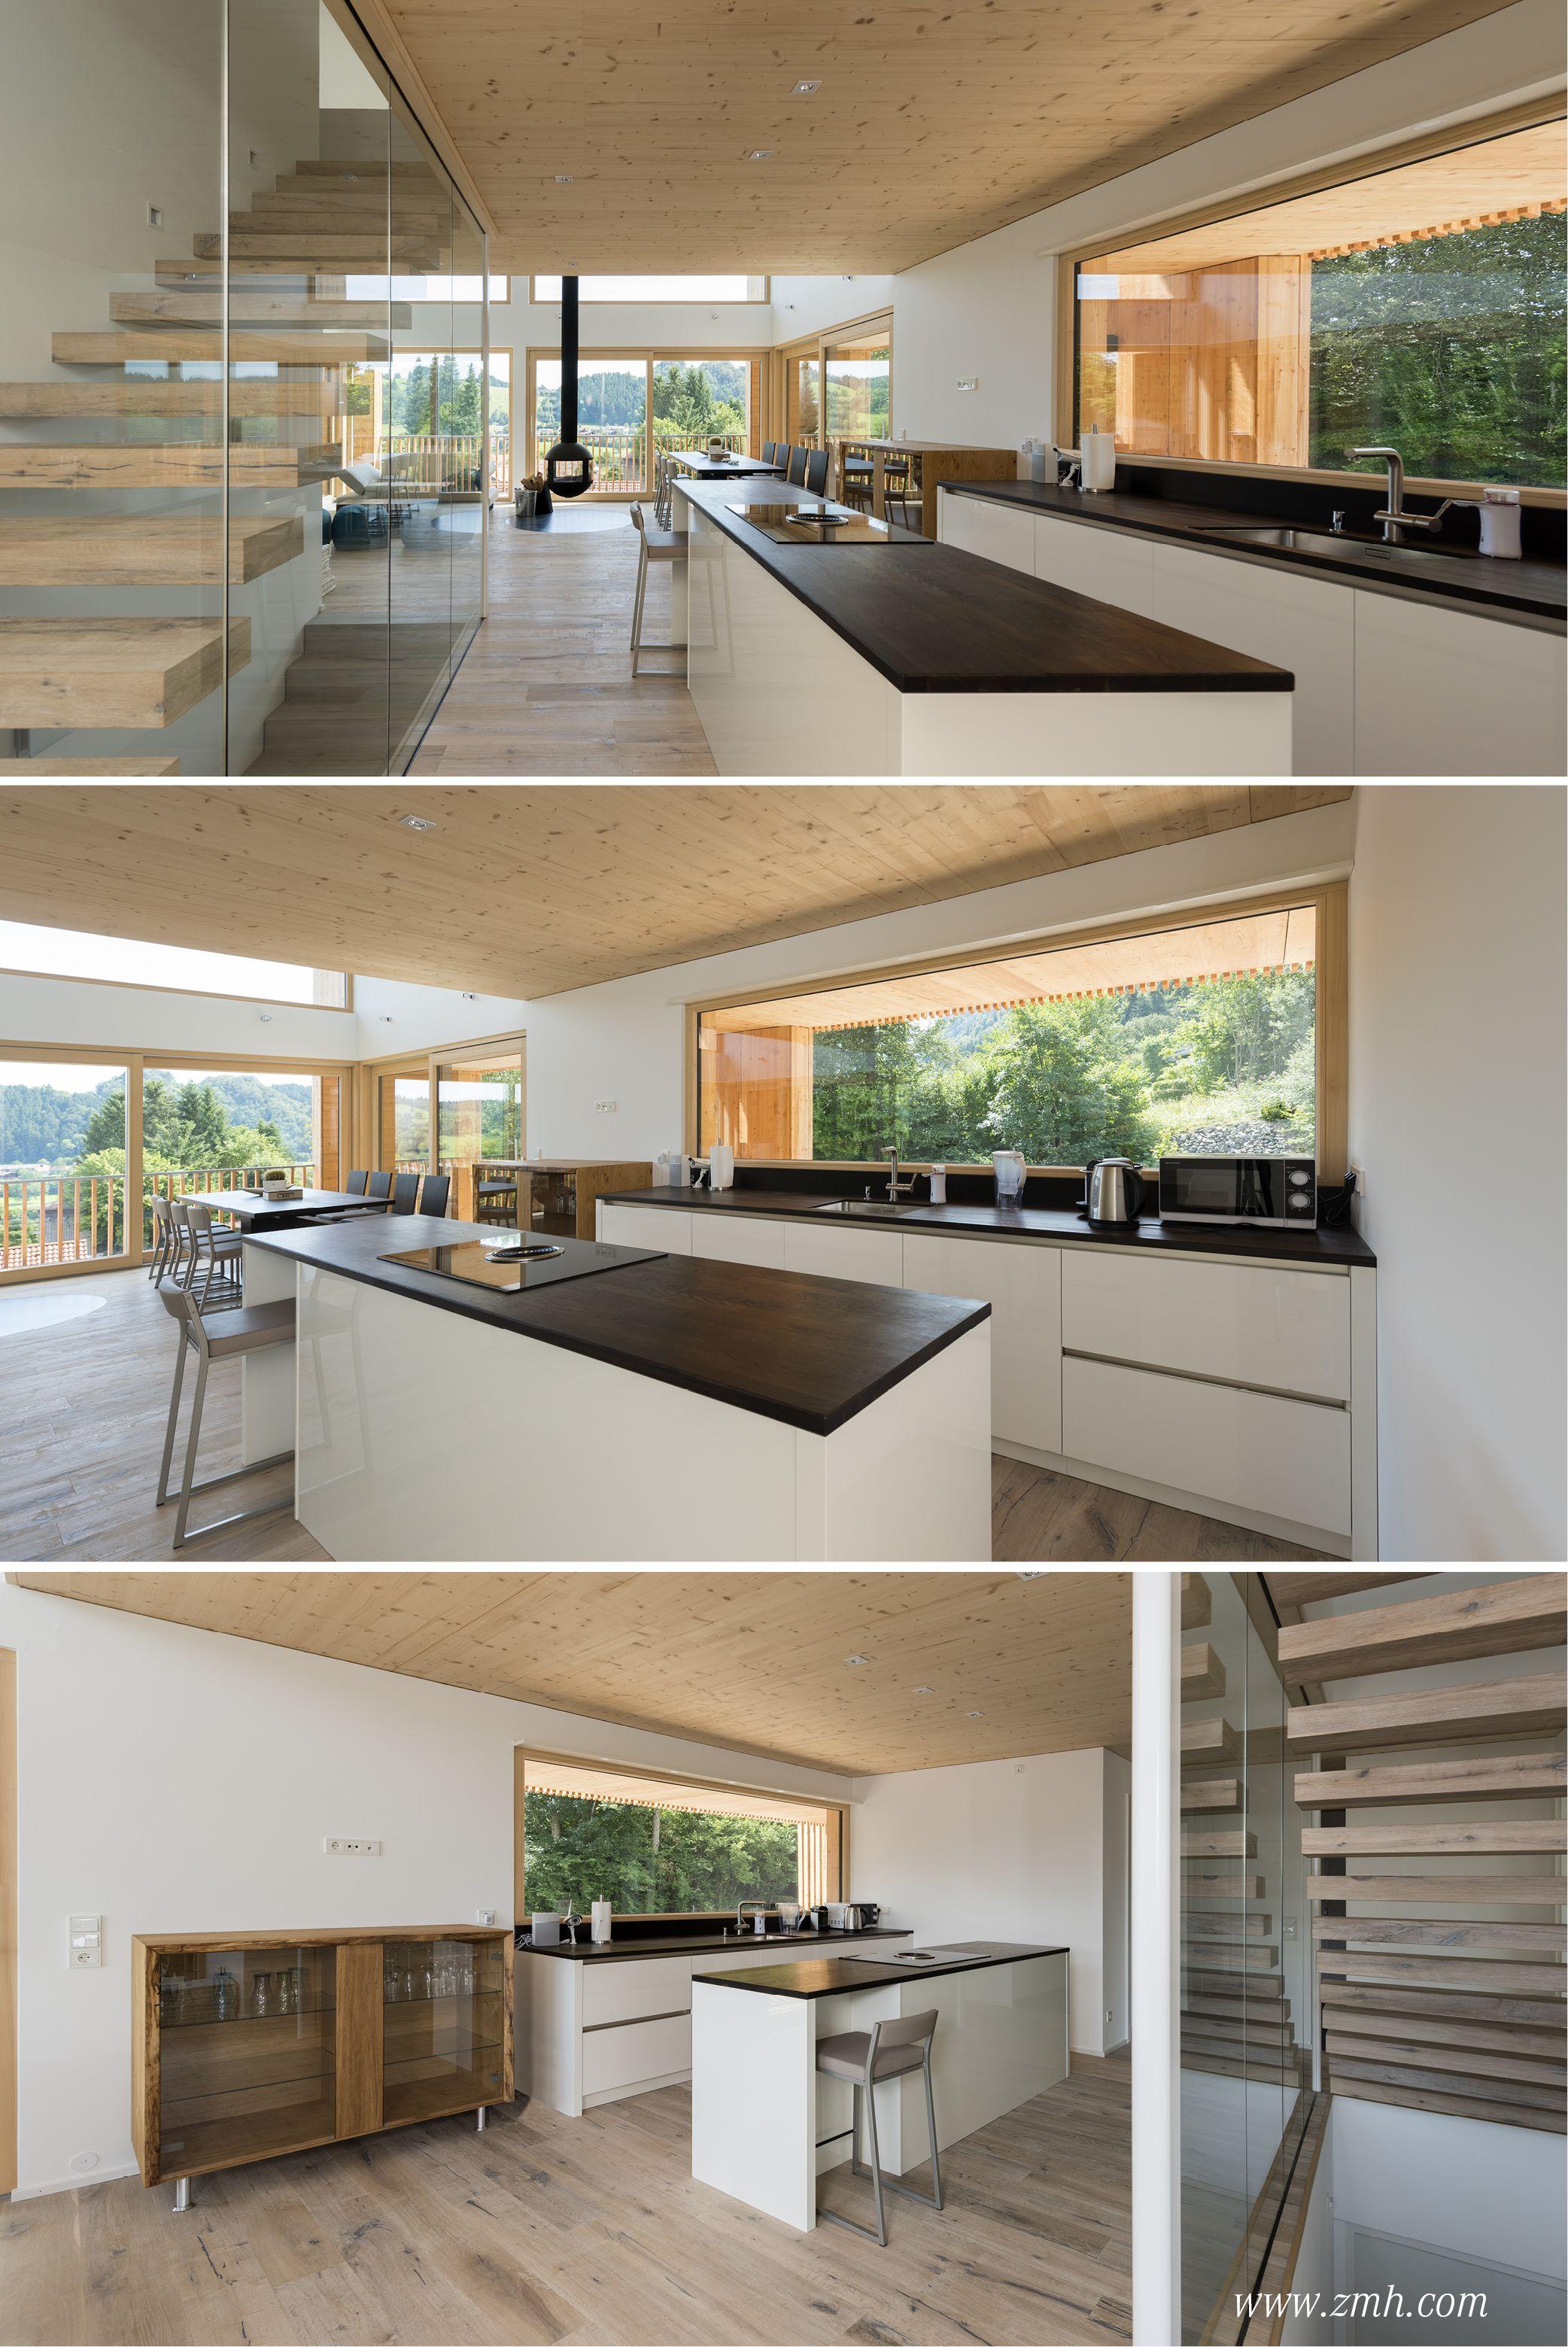 Küchenblock Design Küche klein wenigPlatz Wohlfühlen